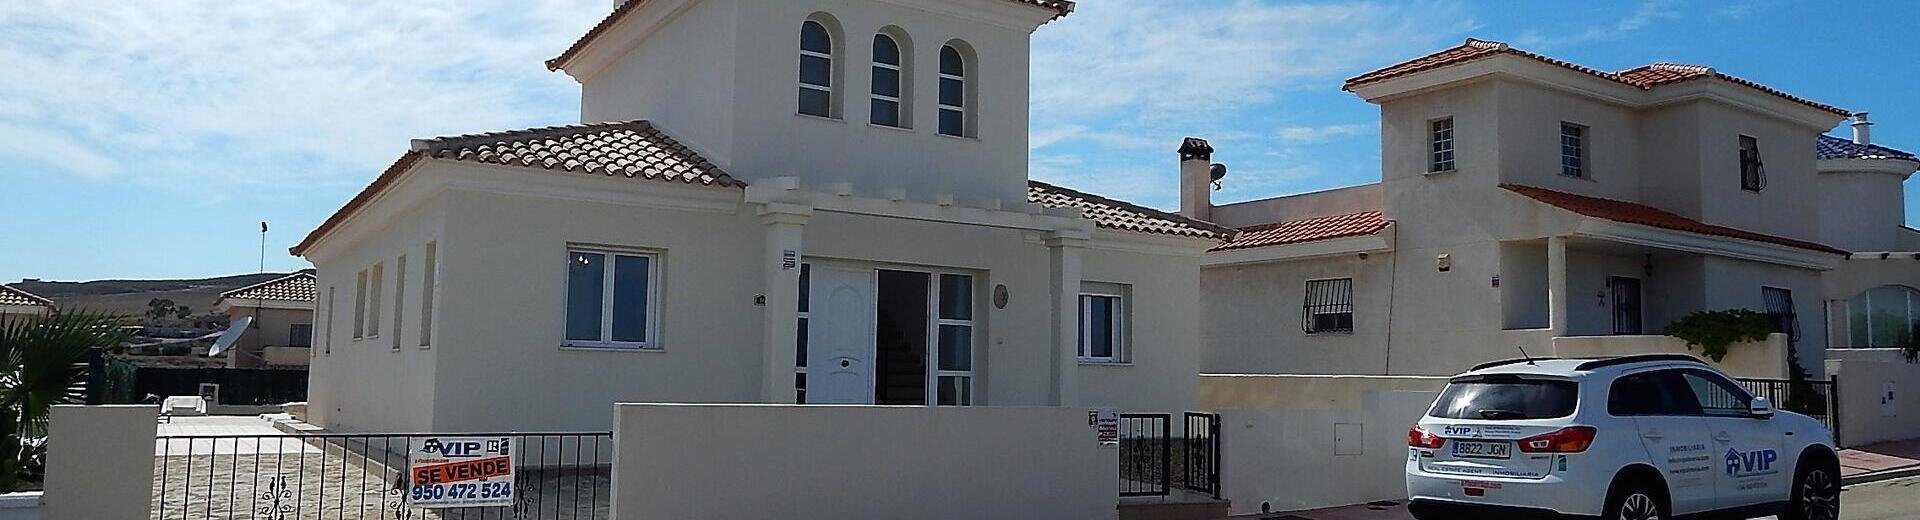 VIP7459: Villa te koop